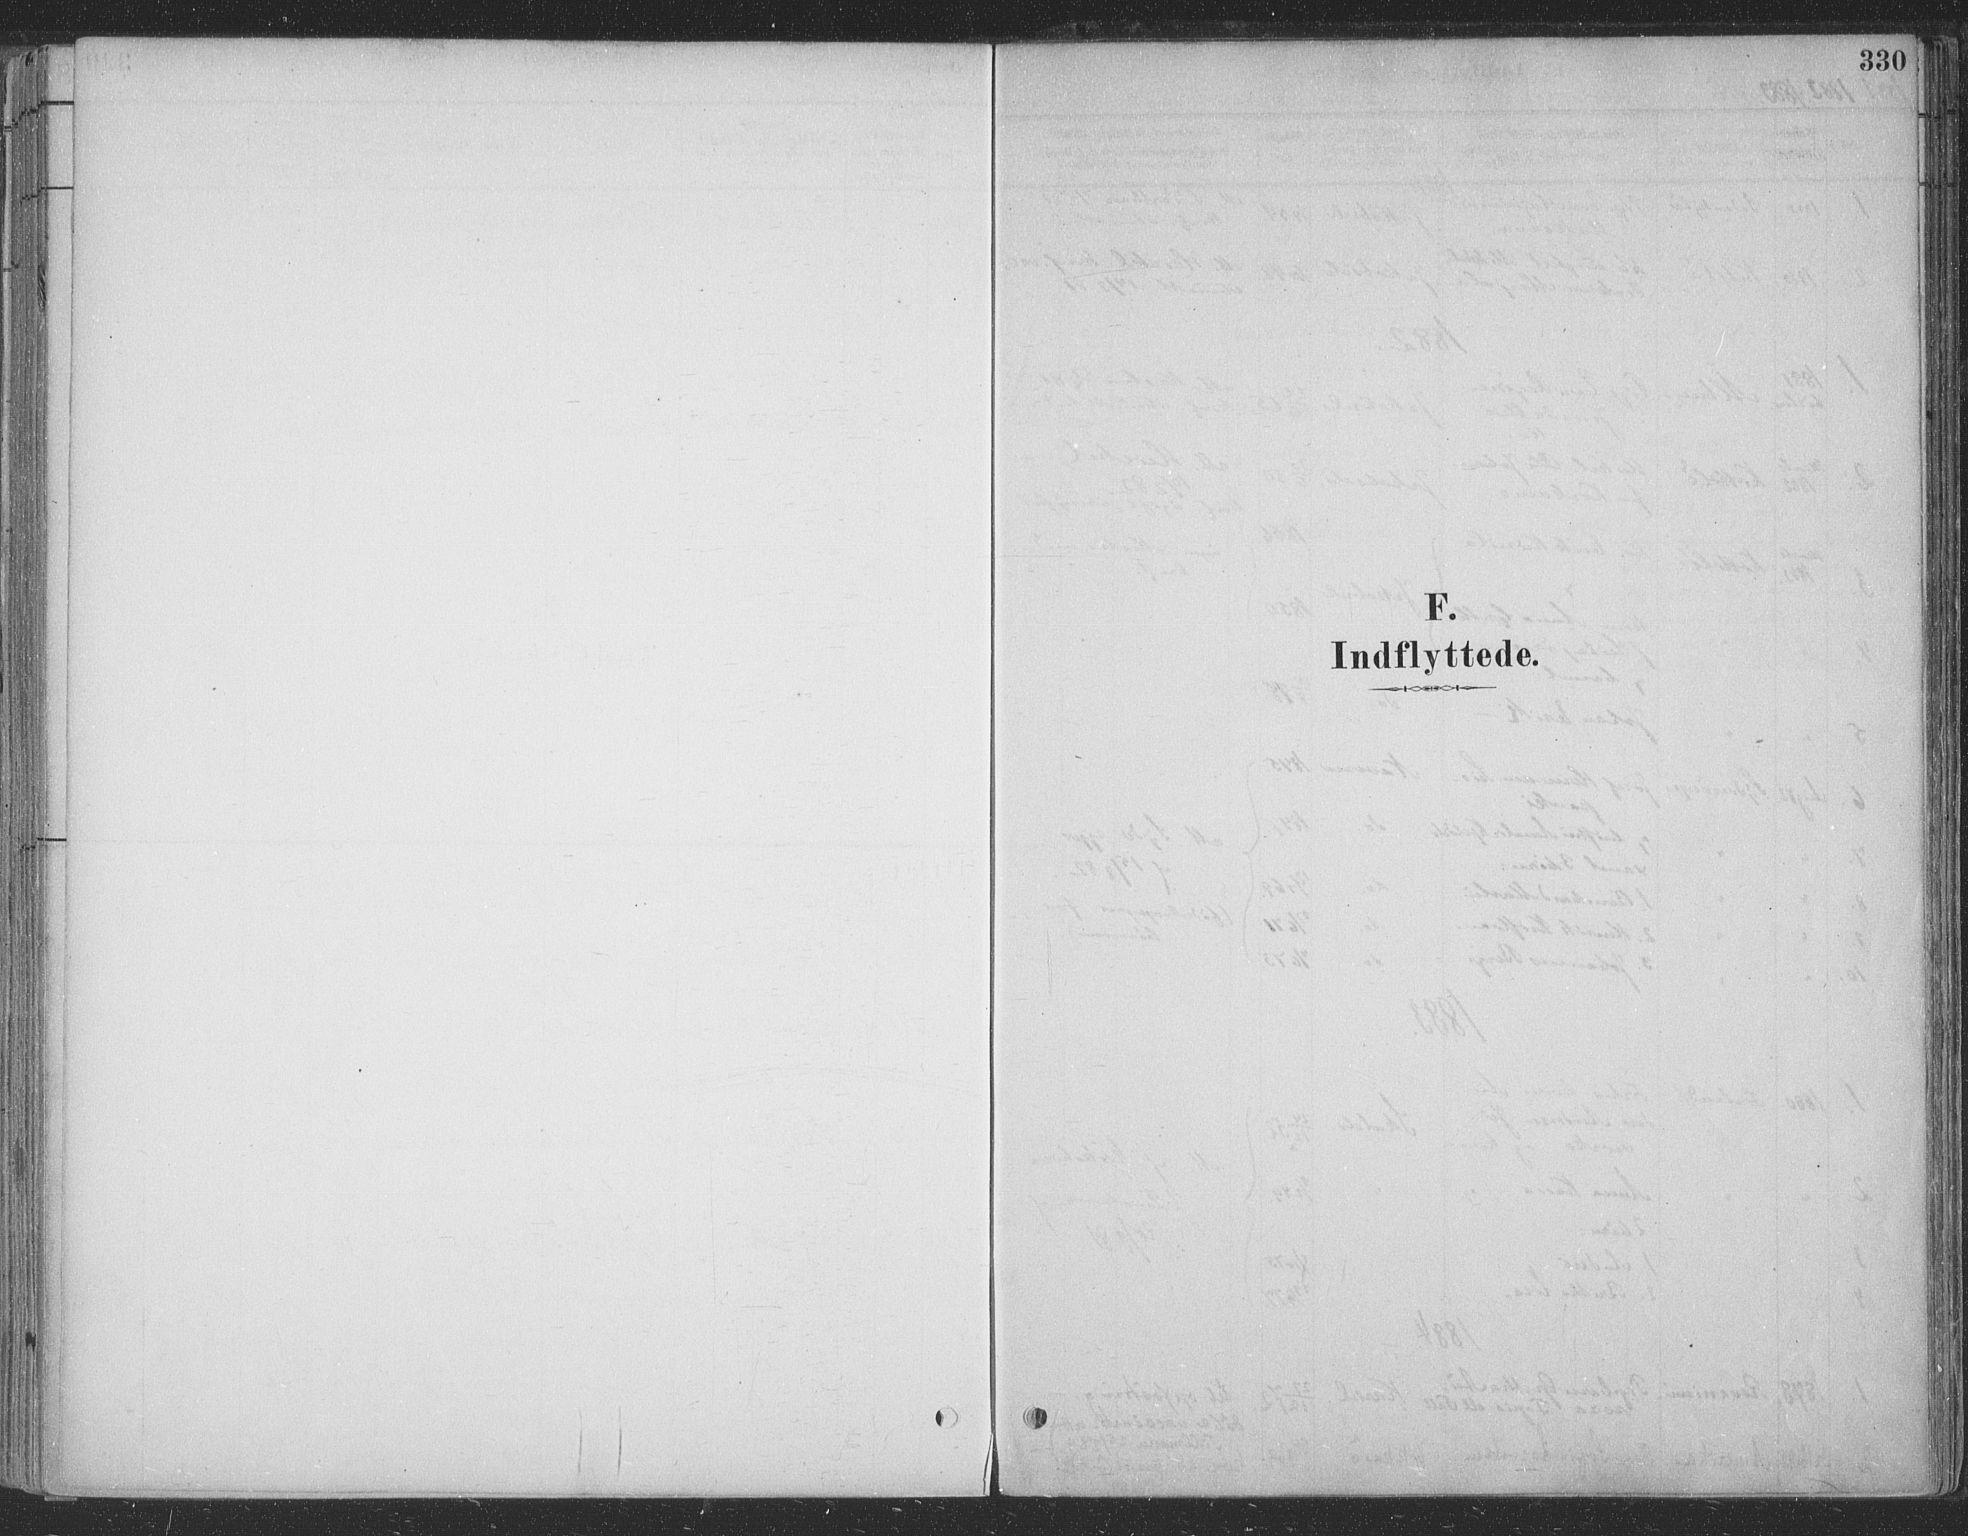 SATØ, Vadsø soknepreskontor, H/Ha/L0009kirke: Ministerialbok nr. 9, 1881-1917, s. 330